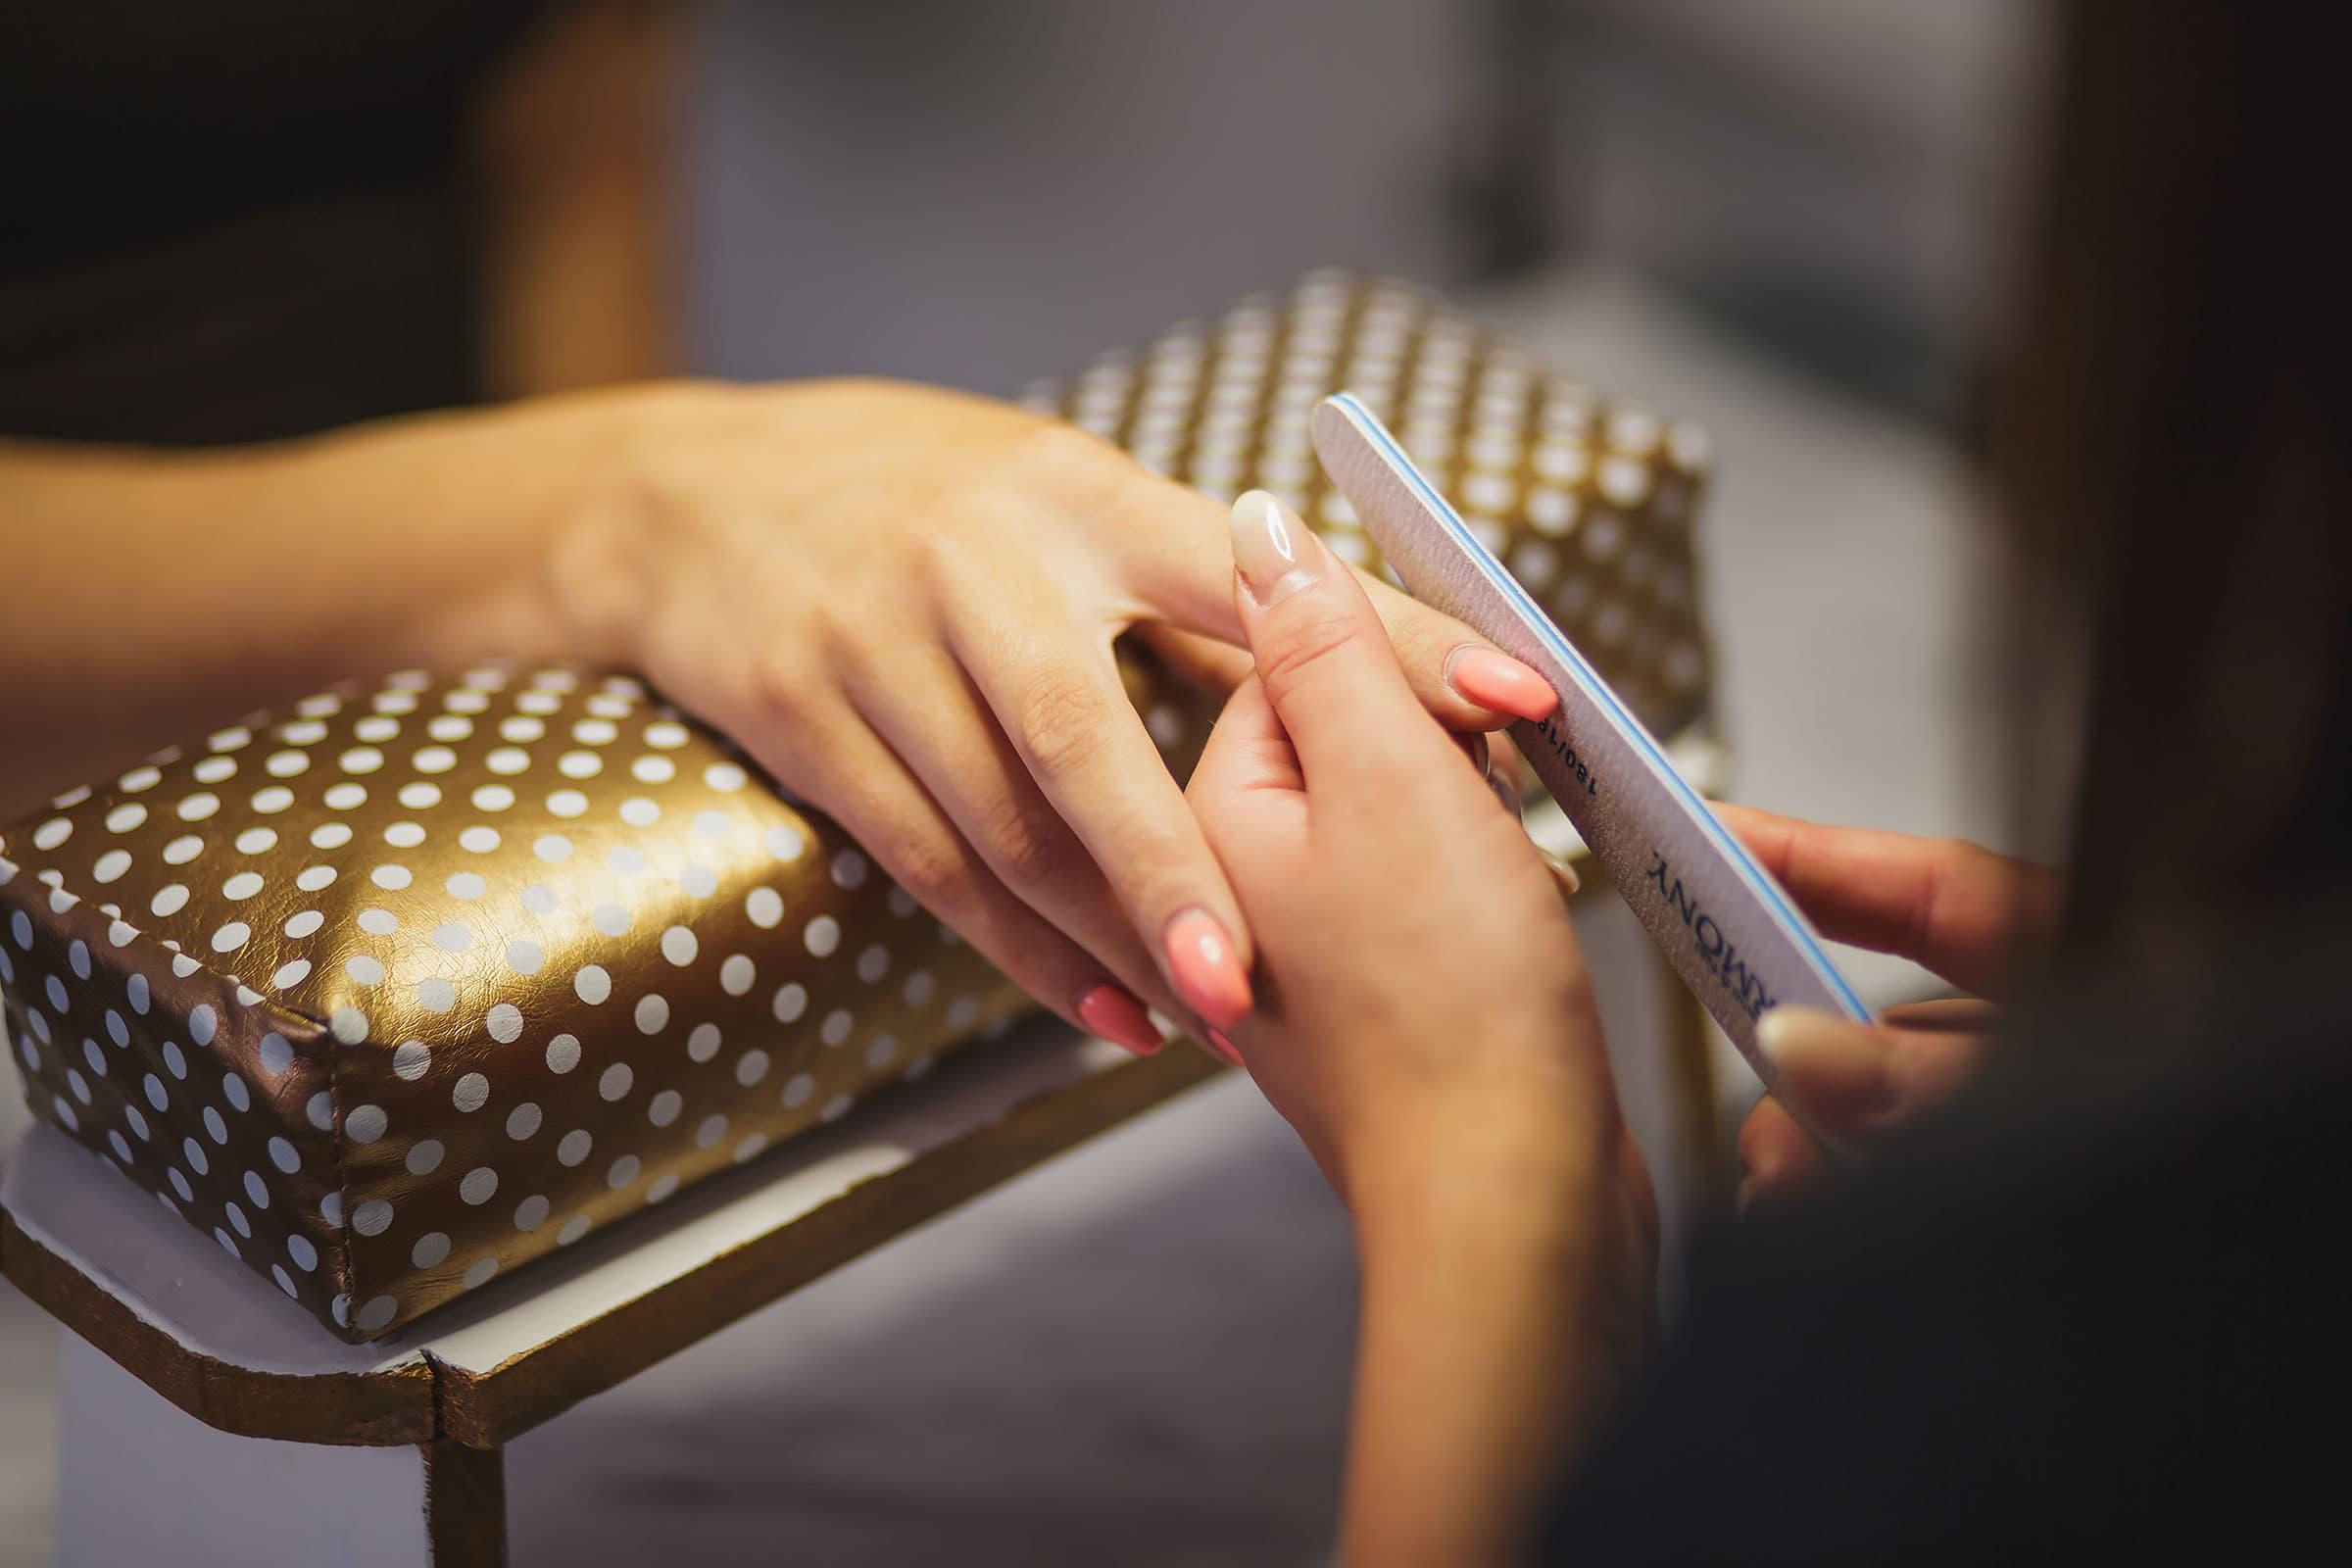 billig nagelsalong göteborg